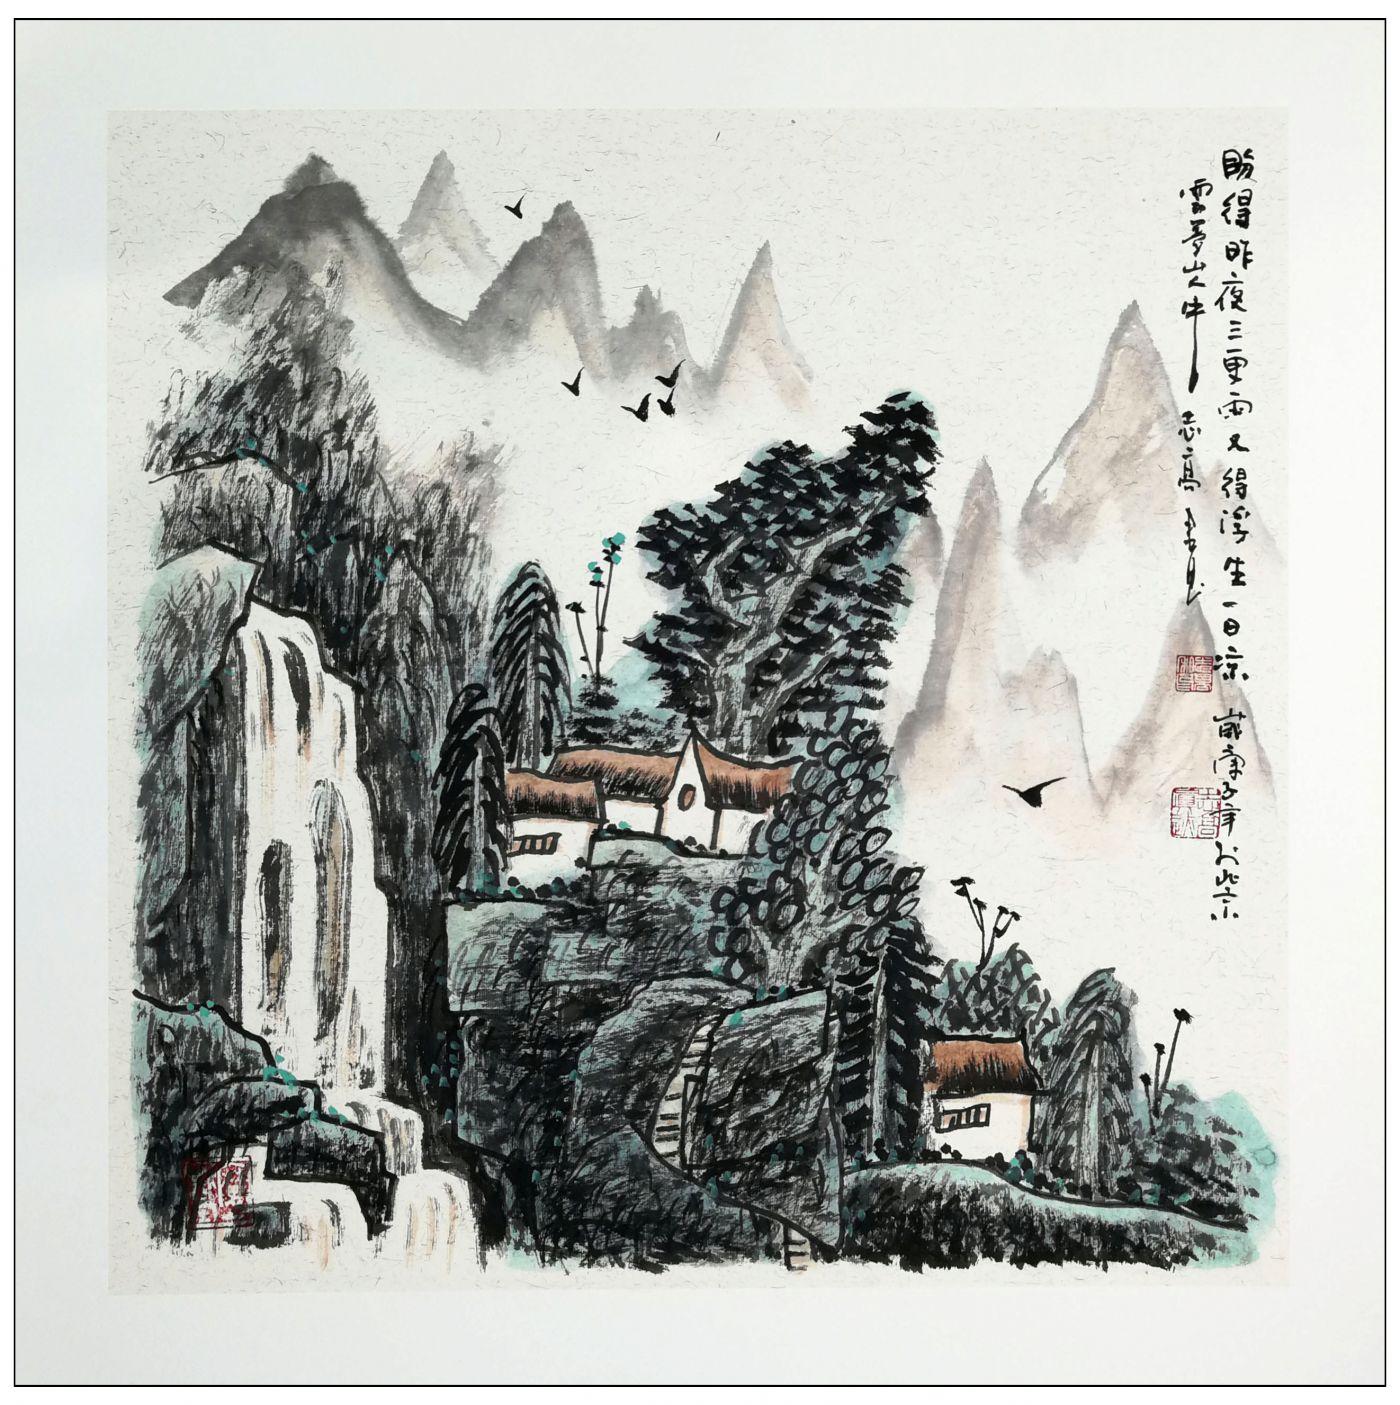 牛志高2020山水画新作-----2020.07.07_图1-5